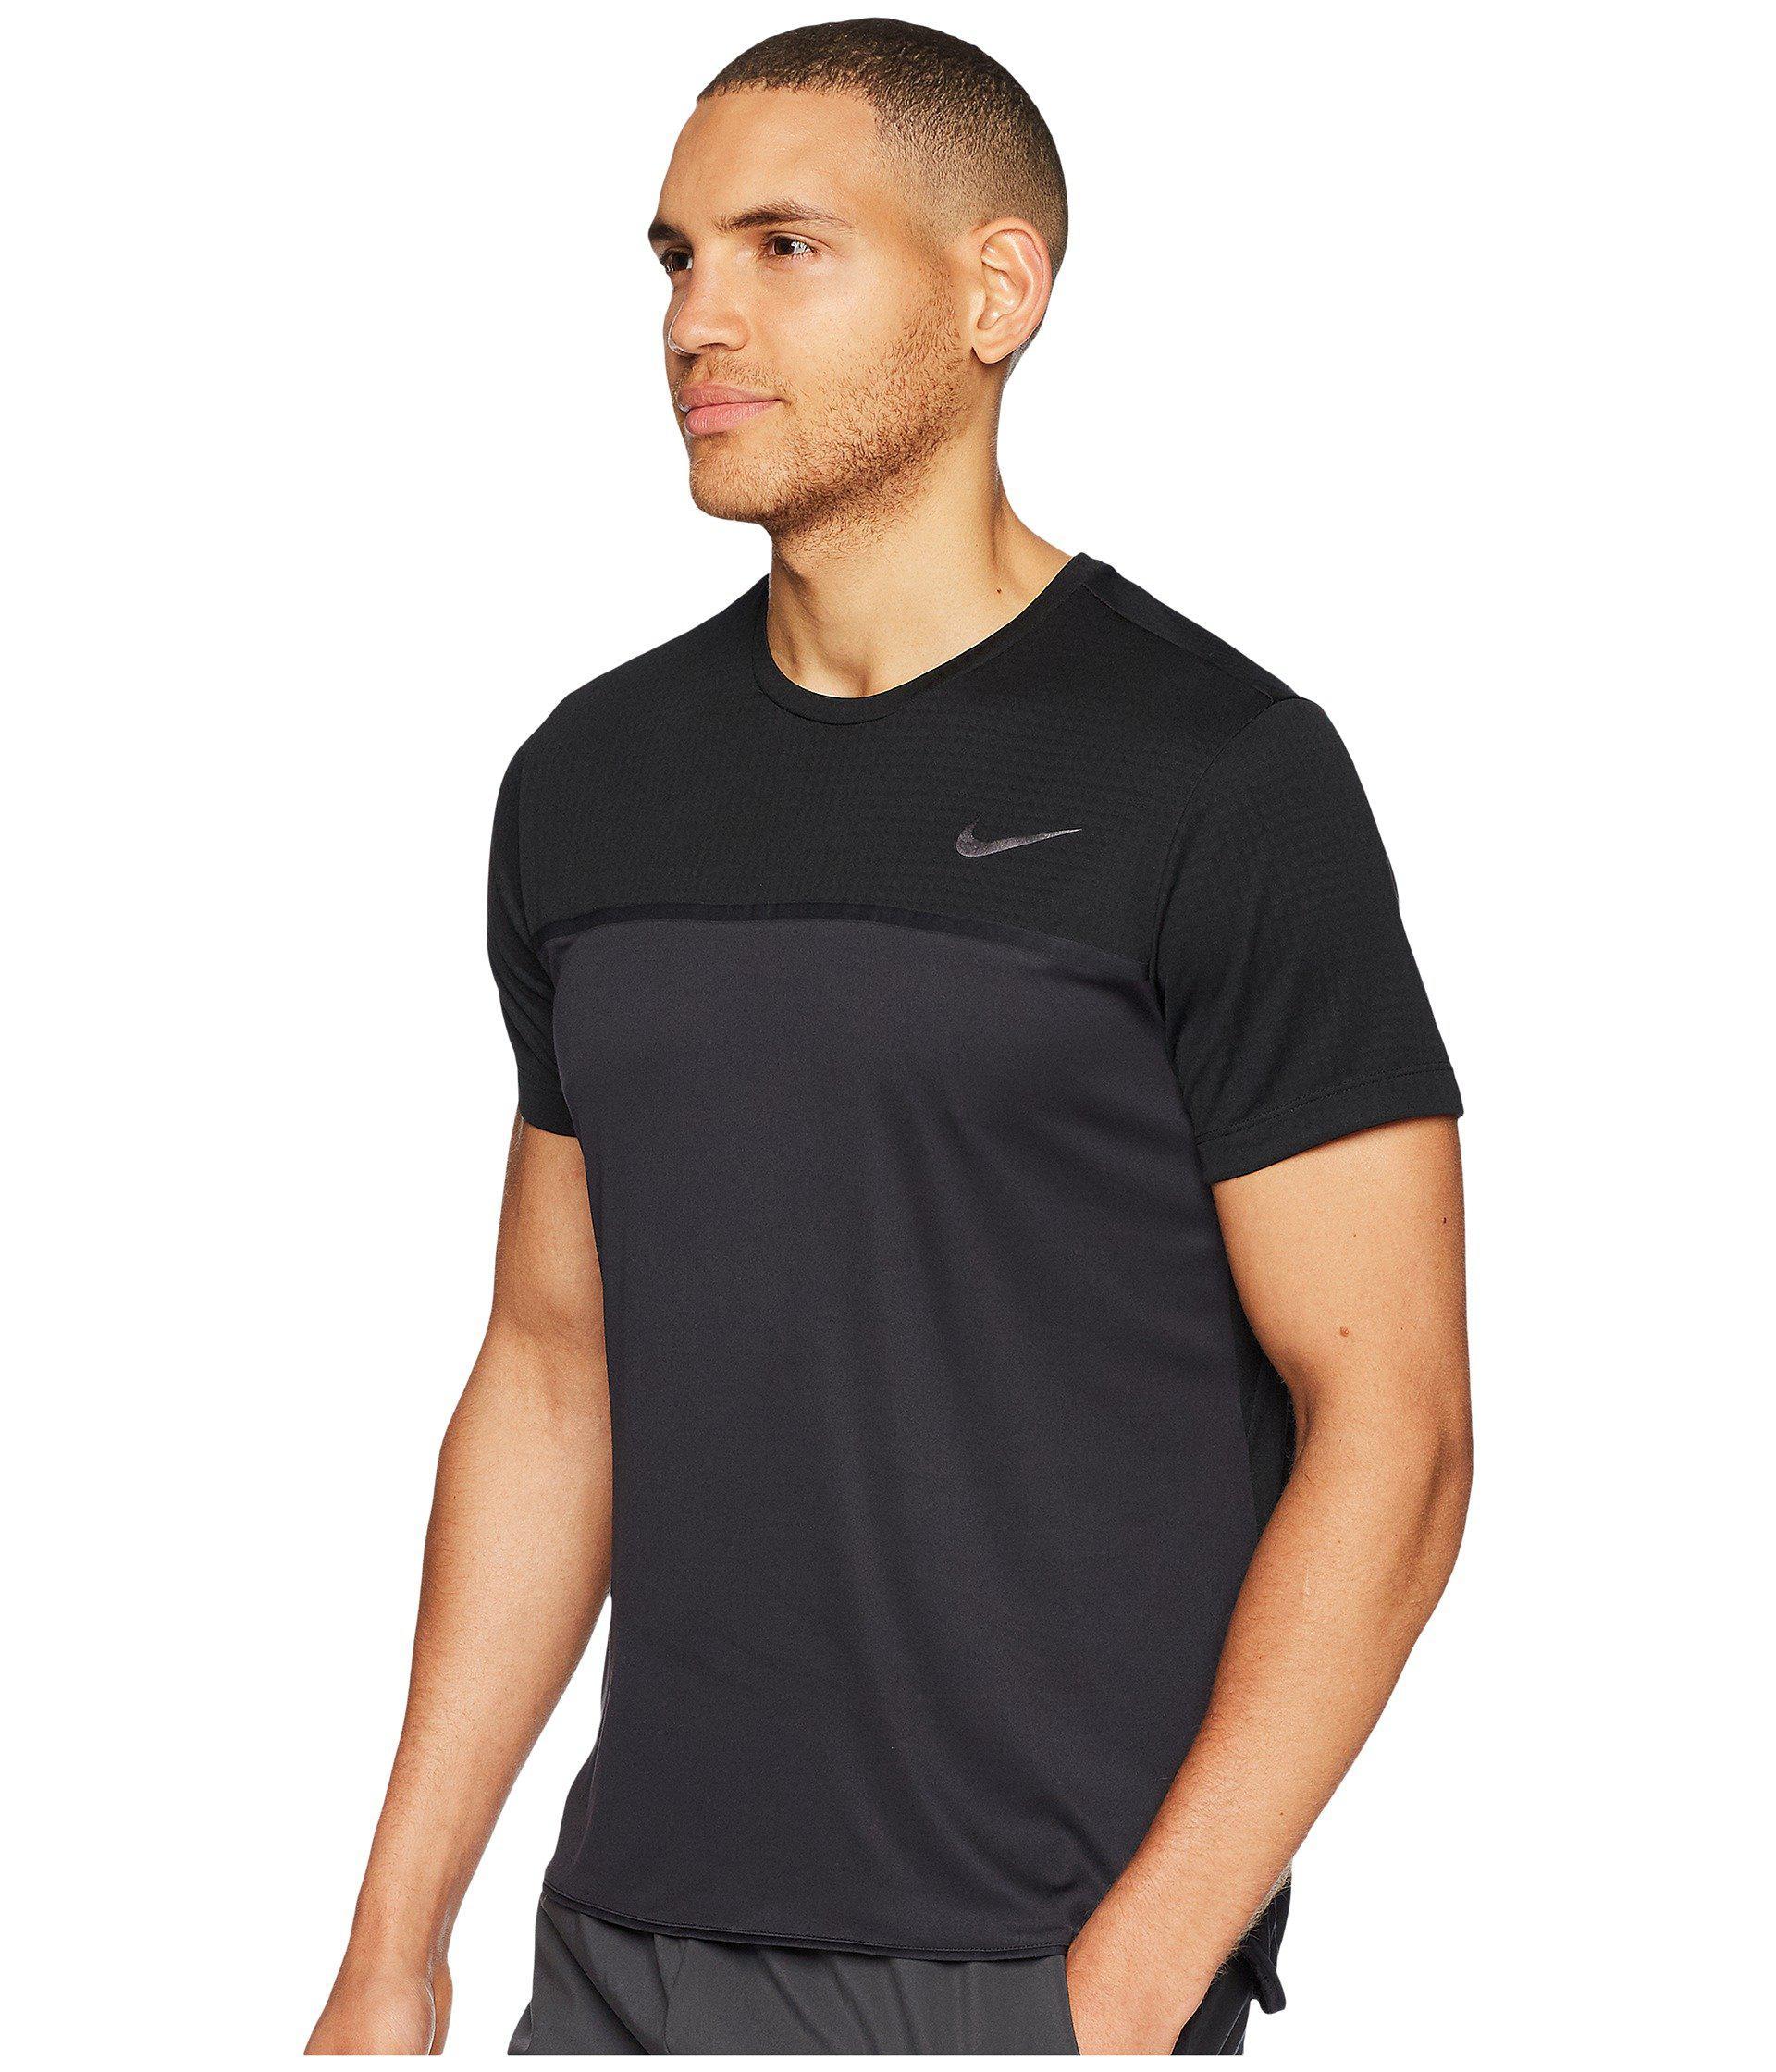 ecbe6333 Nike Challenger V Neck T Shirt Mens - DREAMWORKS